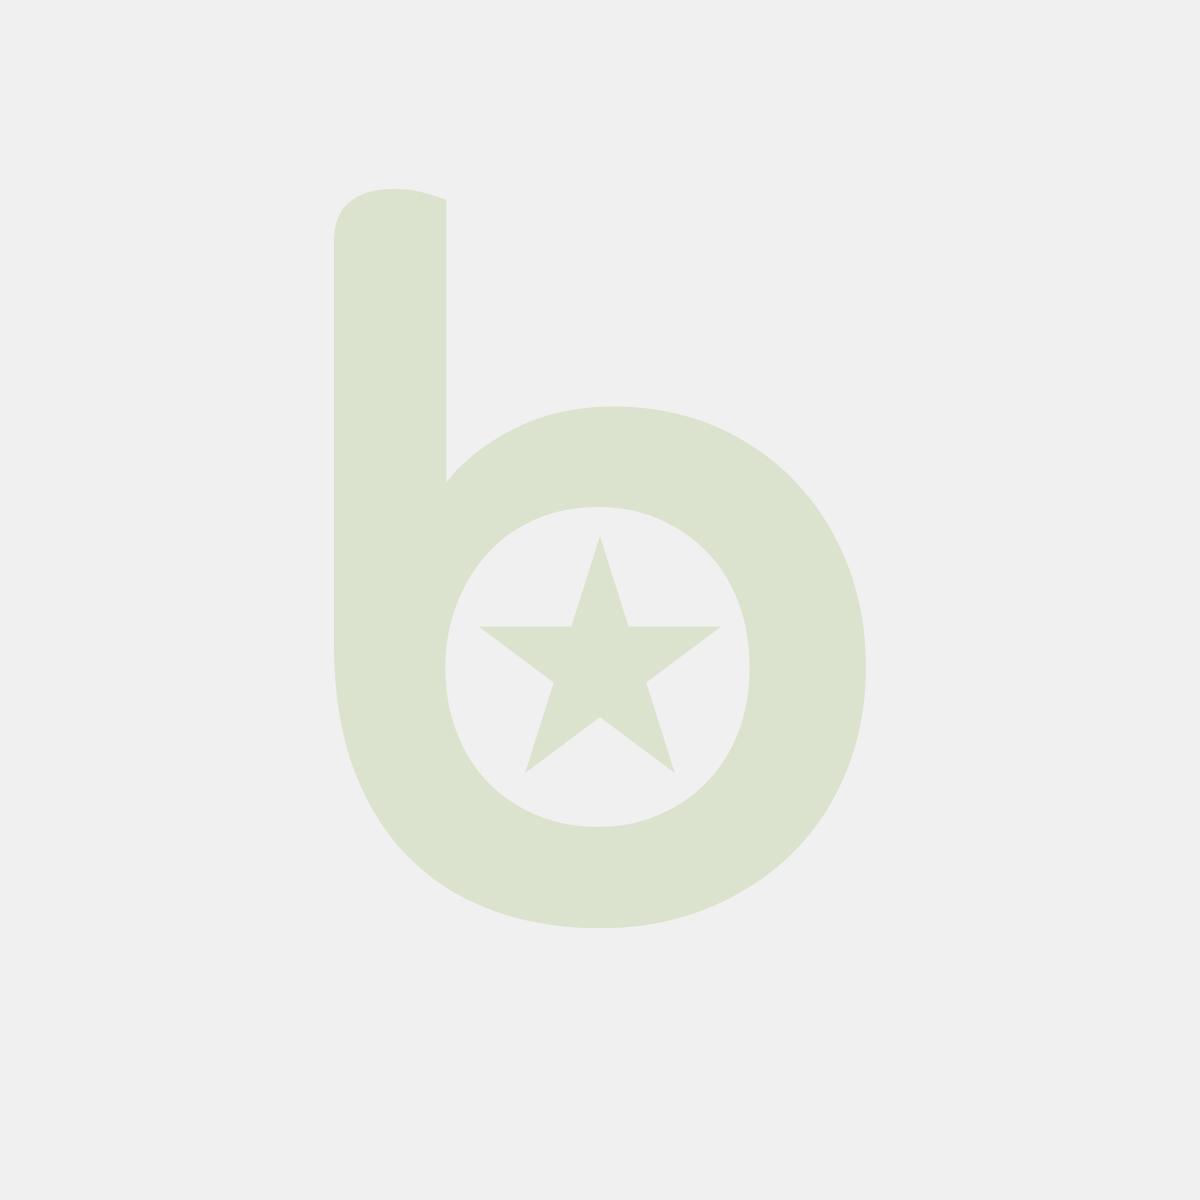 Przykrywka prostokątna bezbarwna KP-809 PP, cena za opakowanie 100szt